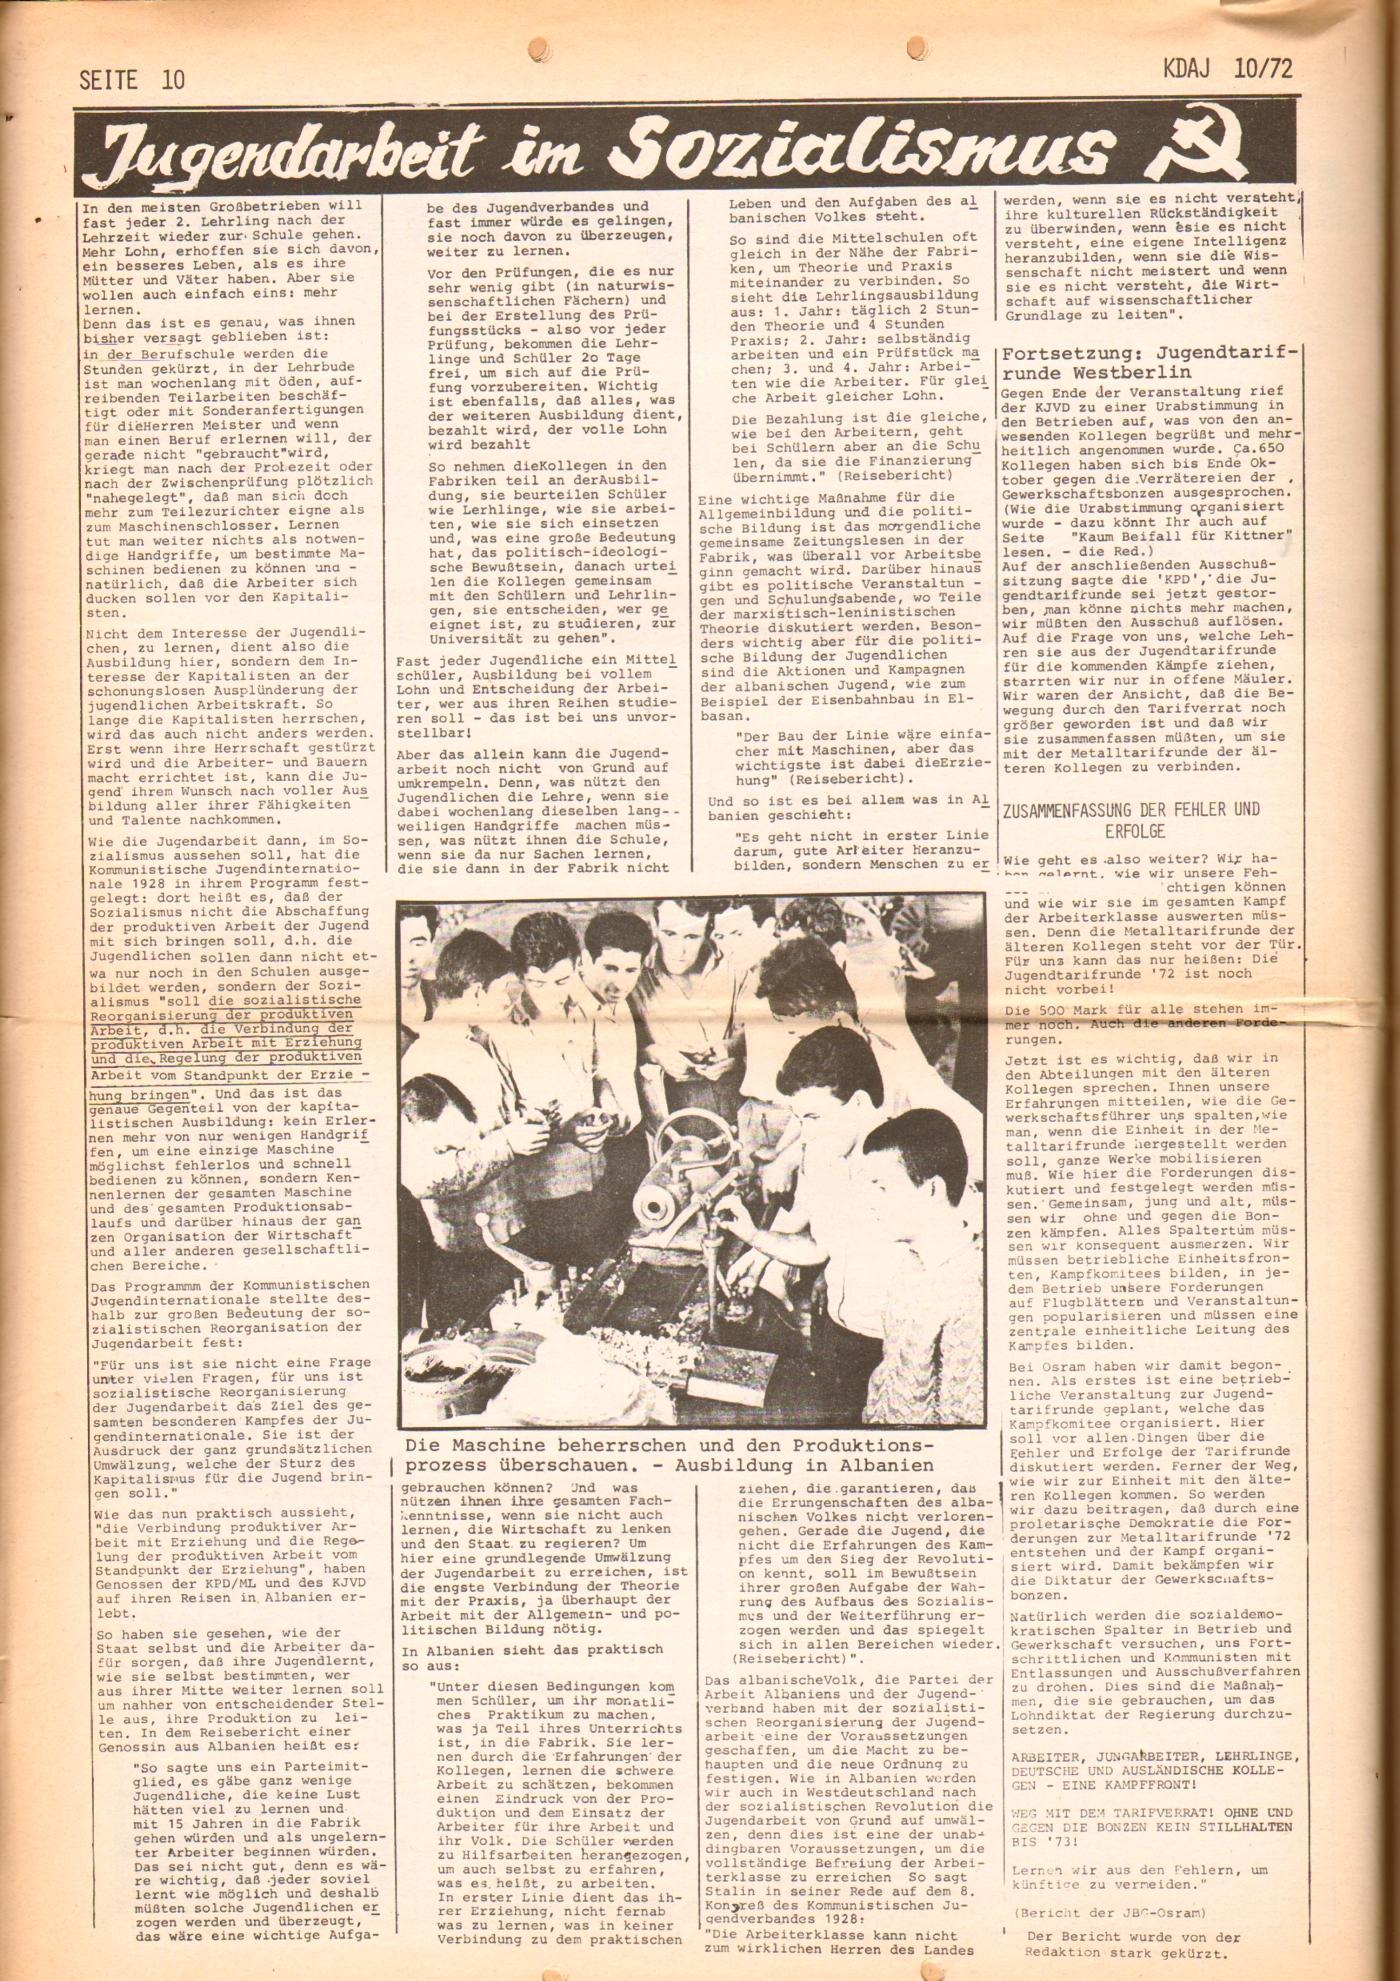 KDAJ, 3. Jg., November 1972, Nr. 10, Seite 10